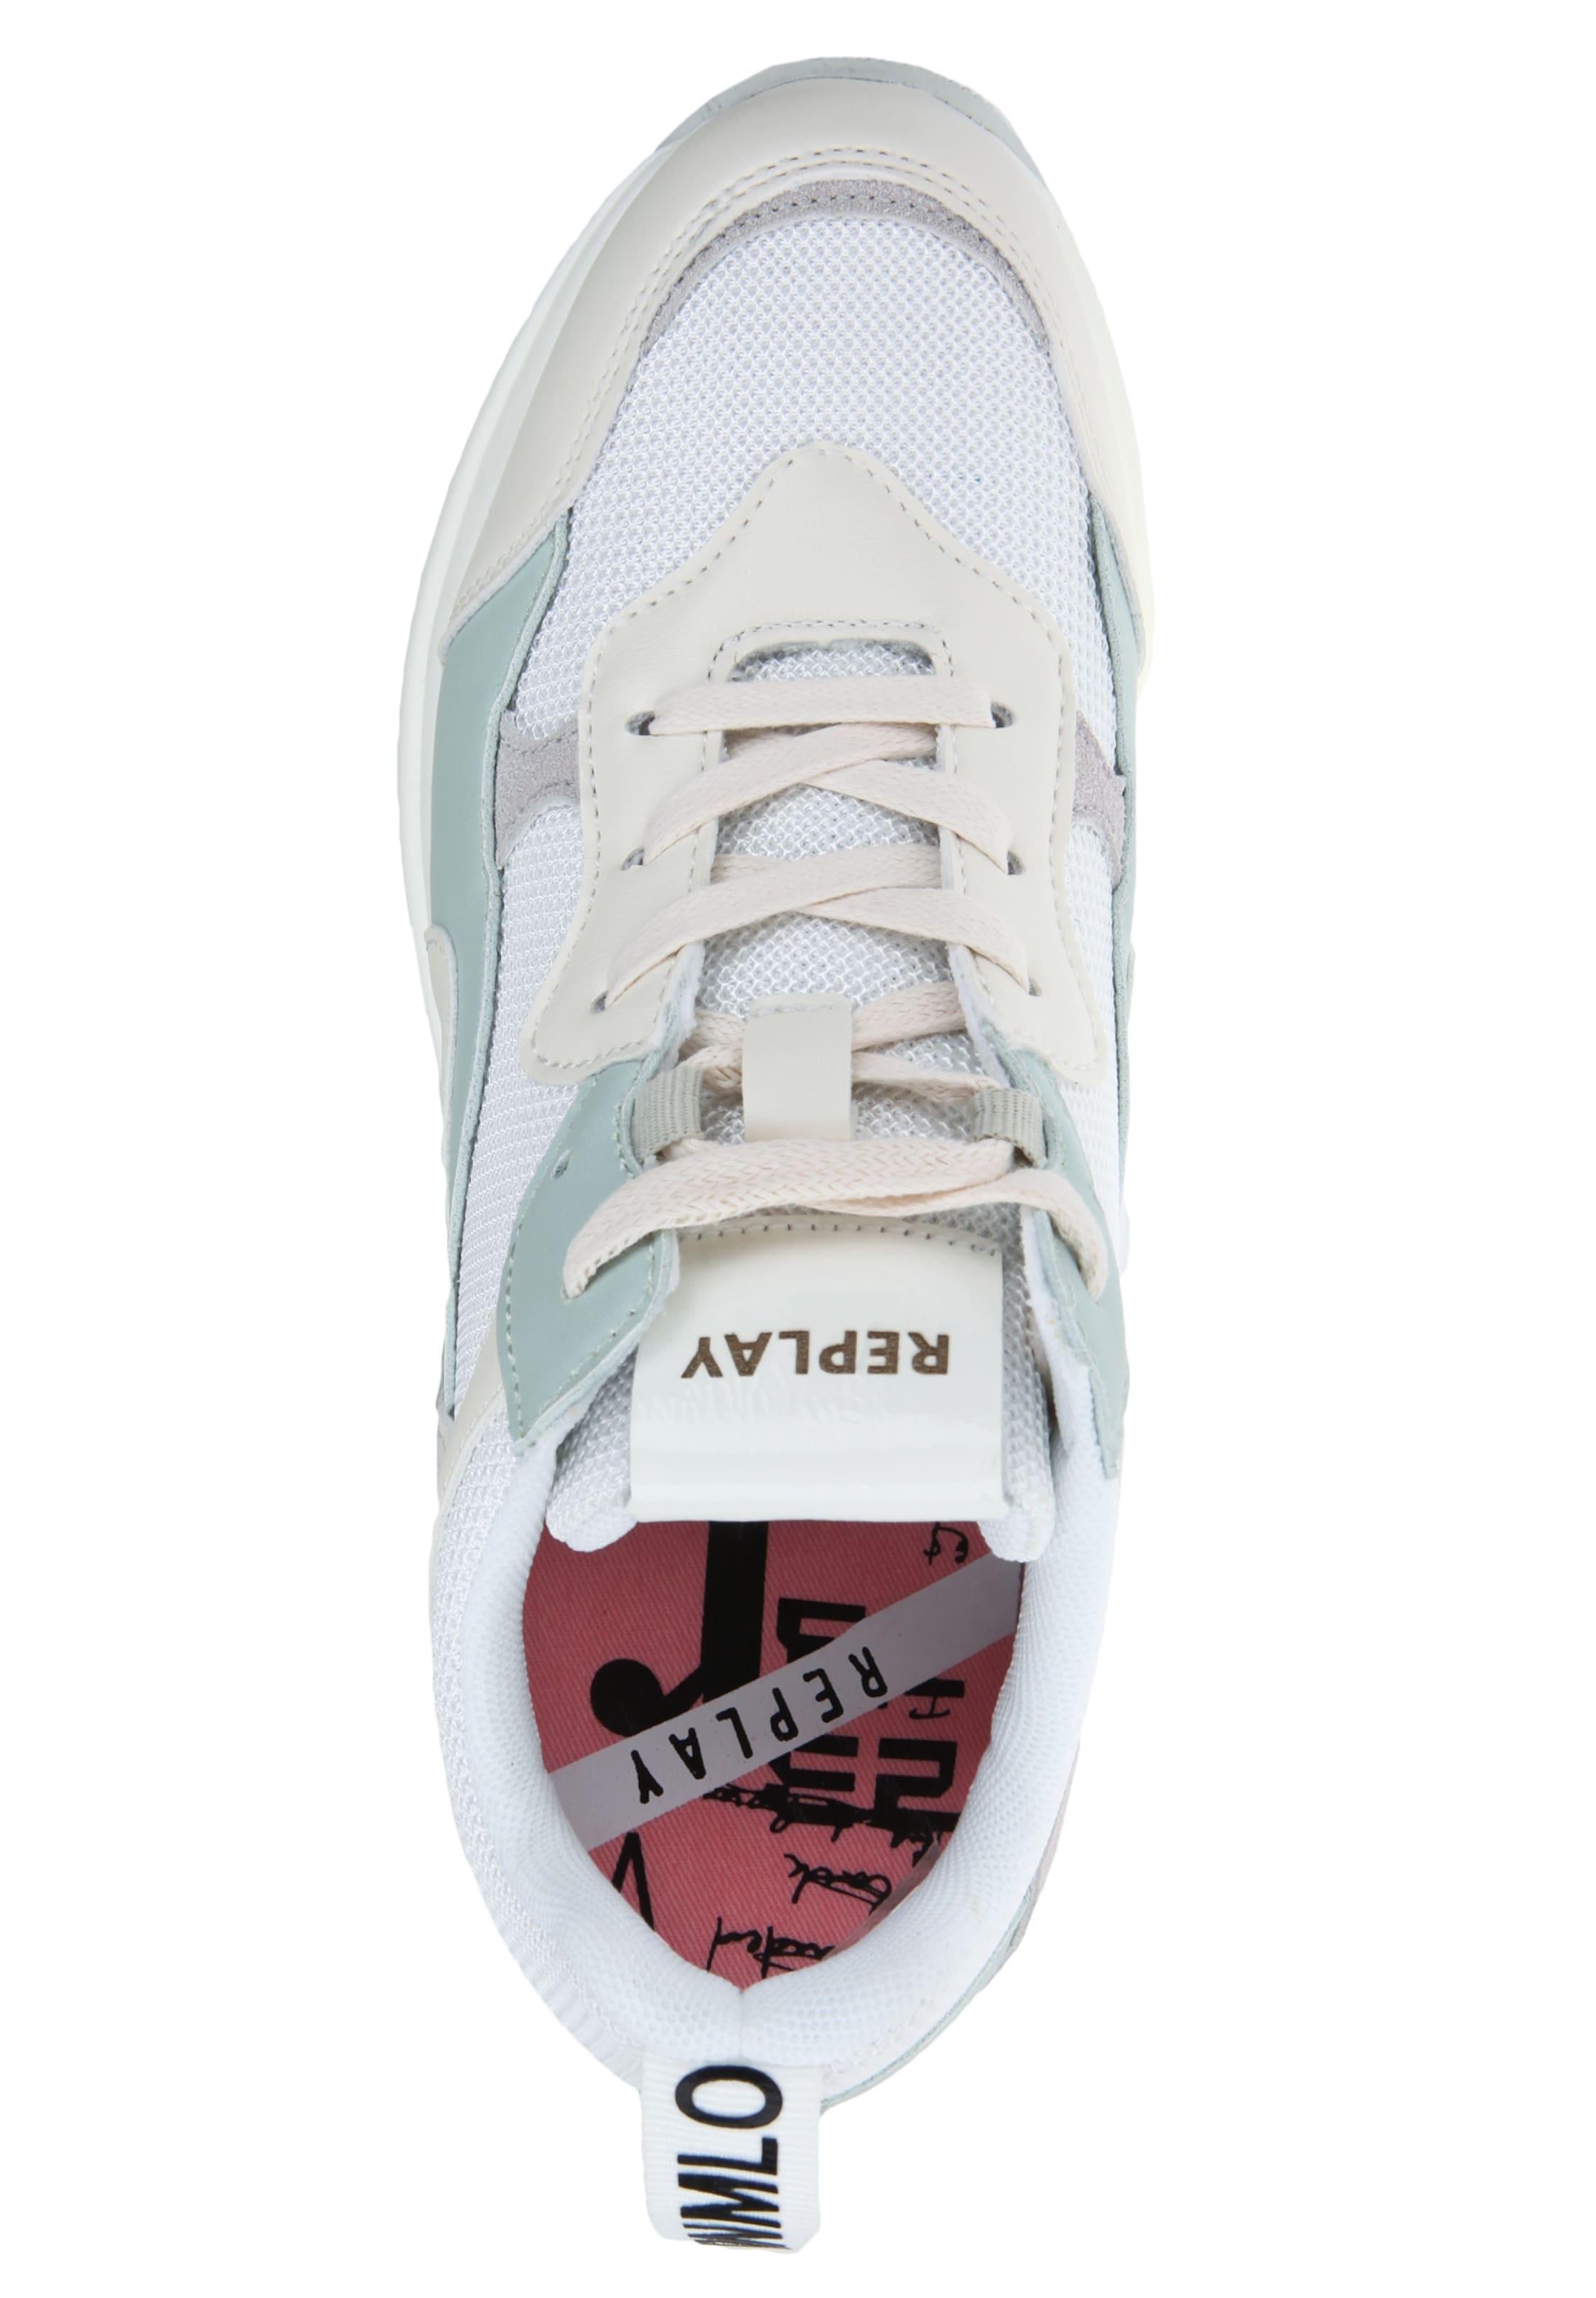 Replay Sneaker HellblauGrau 'theme' In Weiß 5jA3RL4